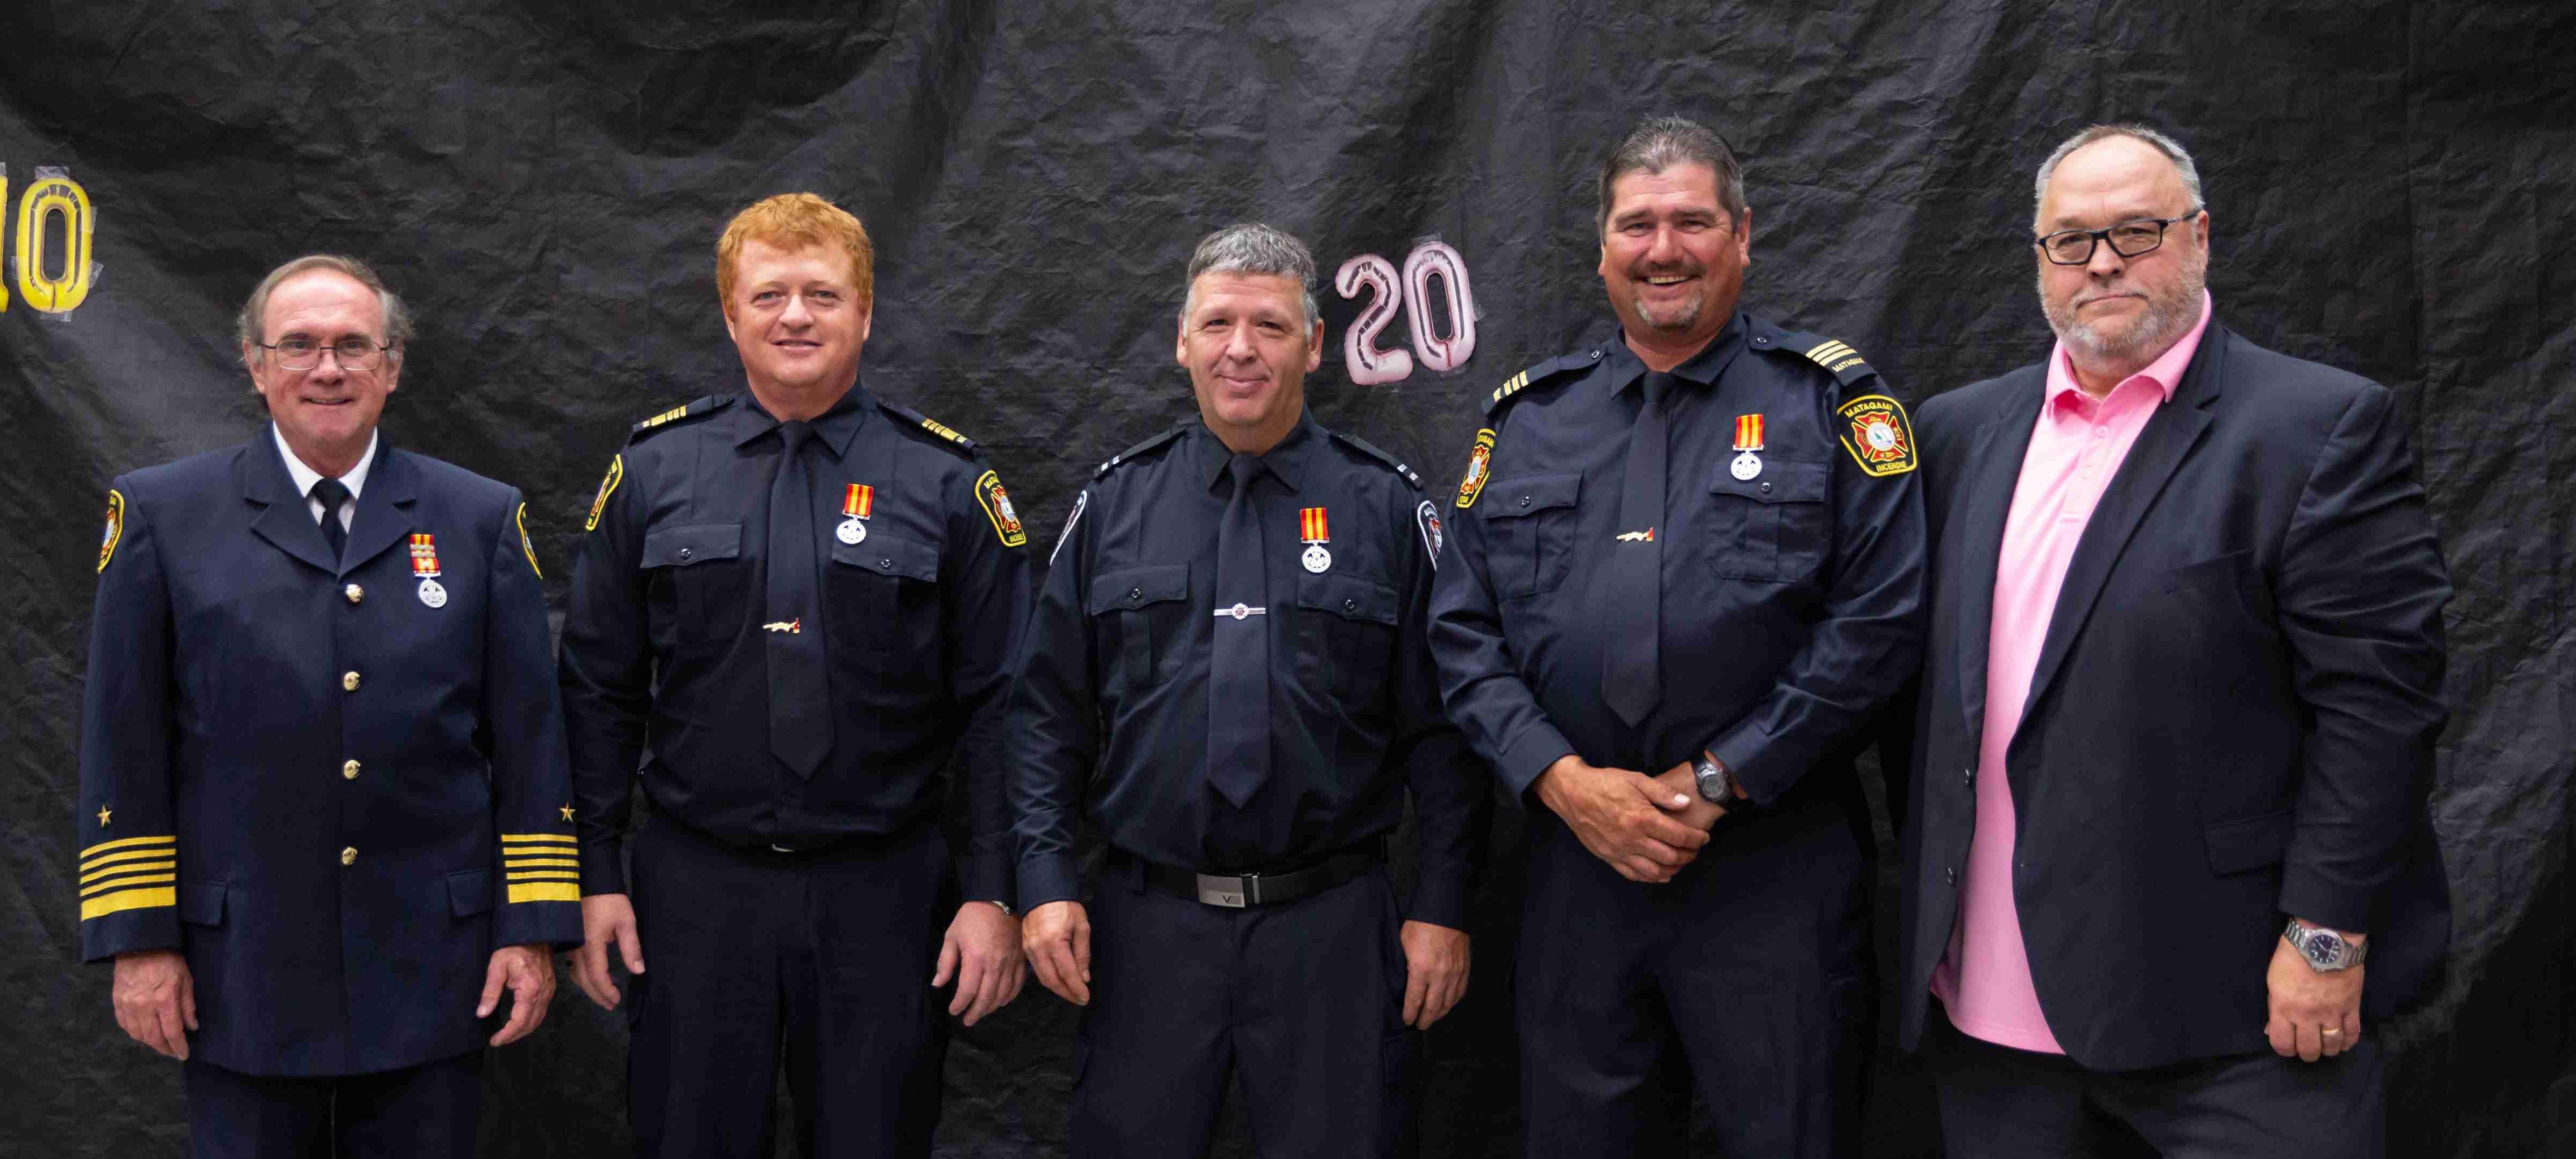 Pompiers Matagami honorés